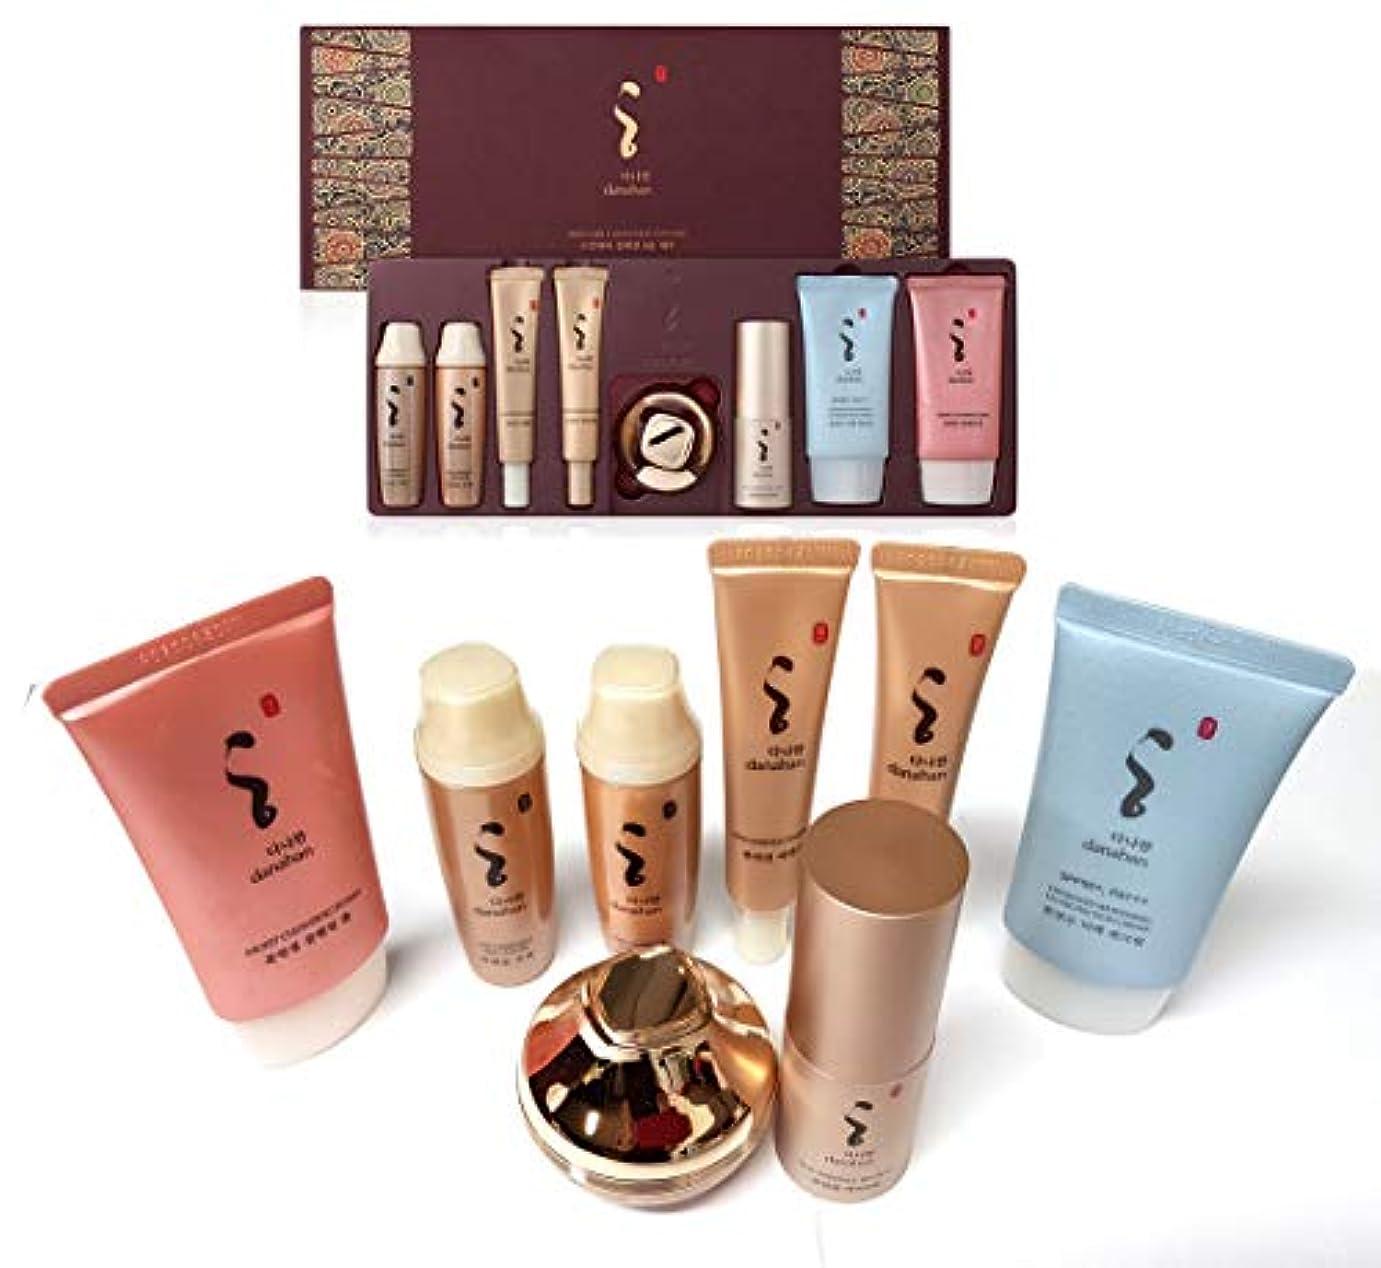 キャリッジ事業キッチン[DANAHAN] スキンケアコレクションギフト8本セット/ Skin Care Collection gift 8pcs set/モイスチャー、ハーバルフルイド/Moisture, herbal fluidn/韓国化粧品...